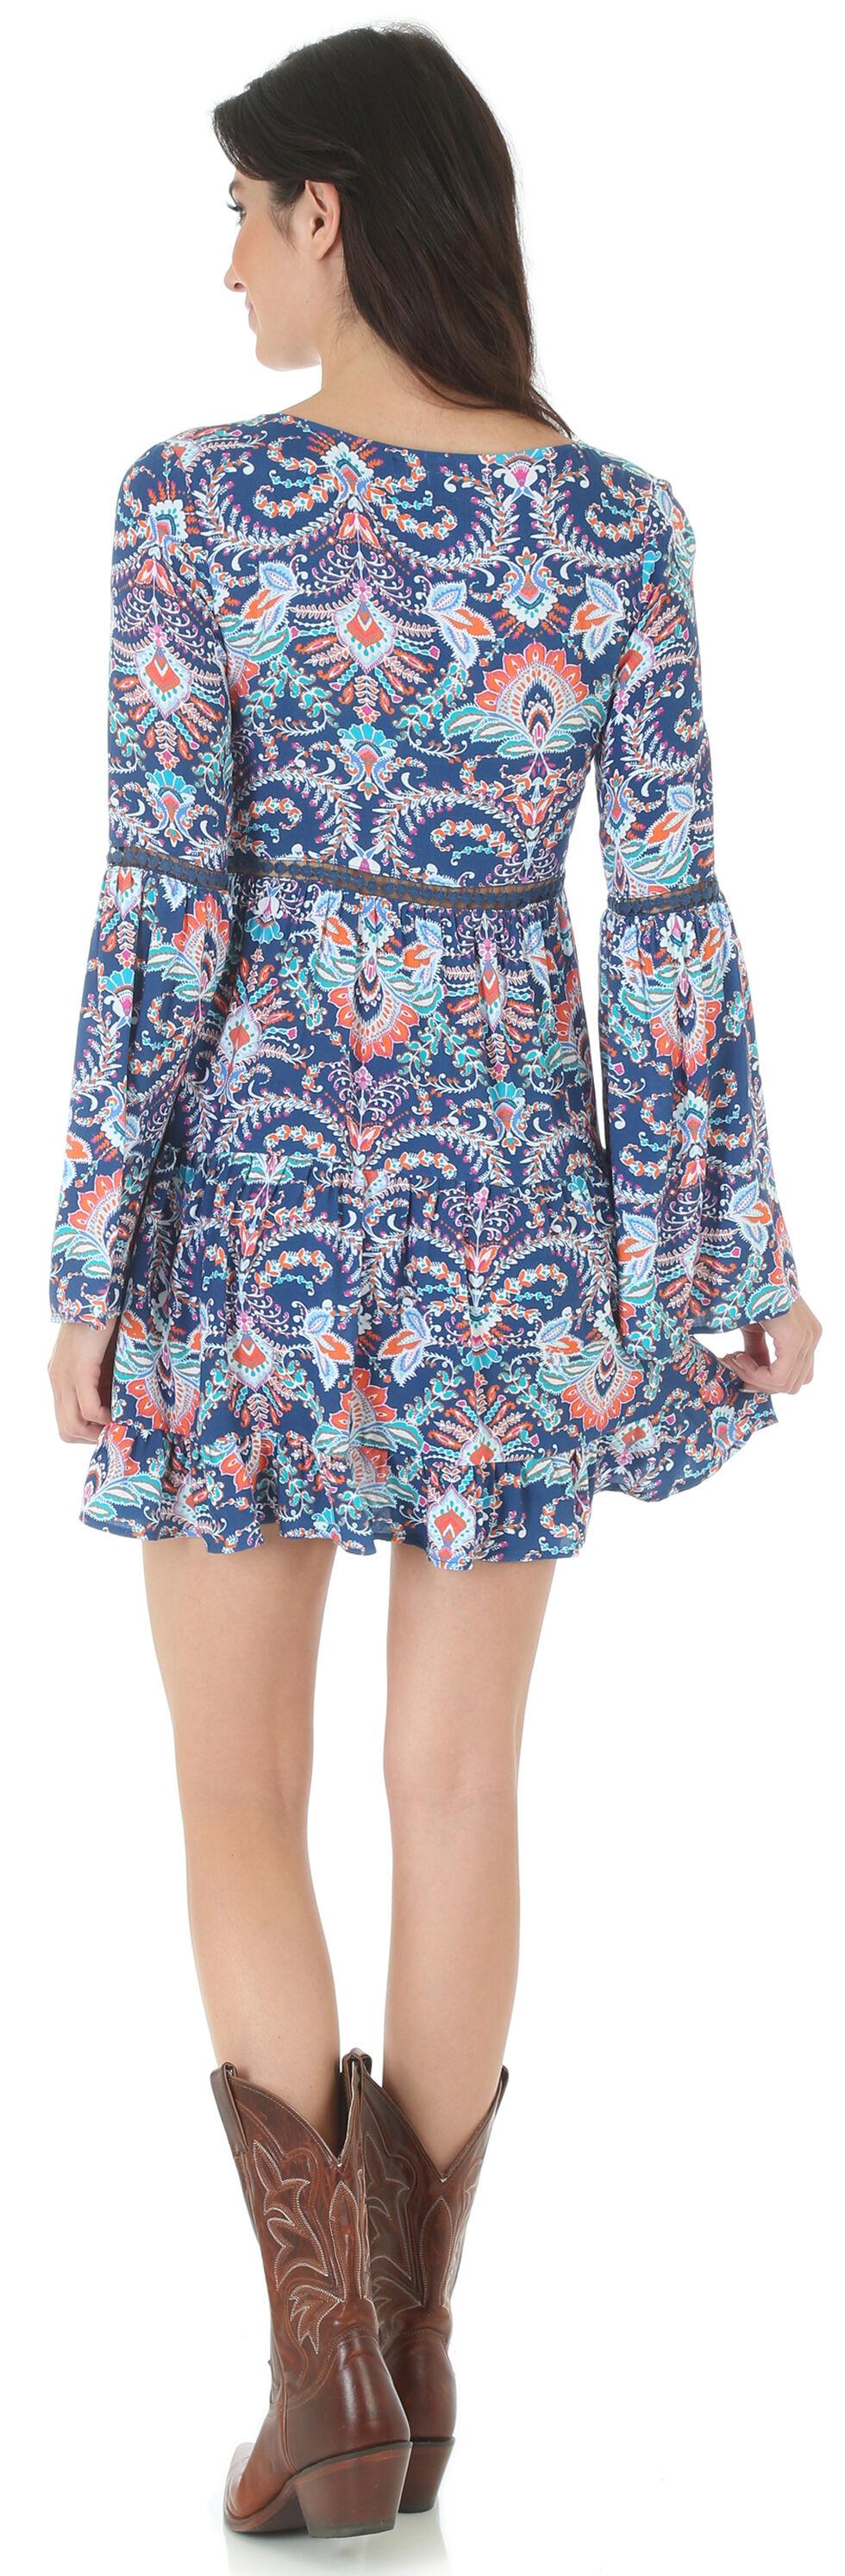 Wrangler Rock 47 Women's Navy Print Crochet Inset Dress, Navy, hi-res